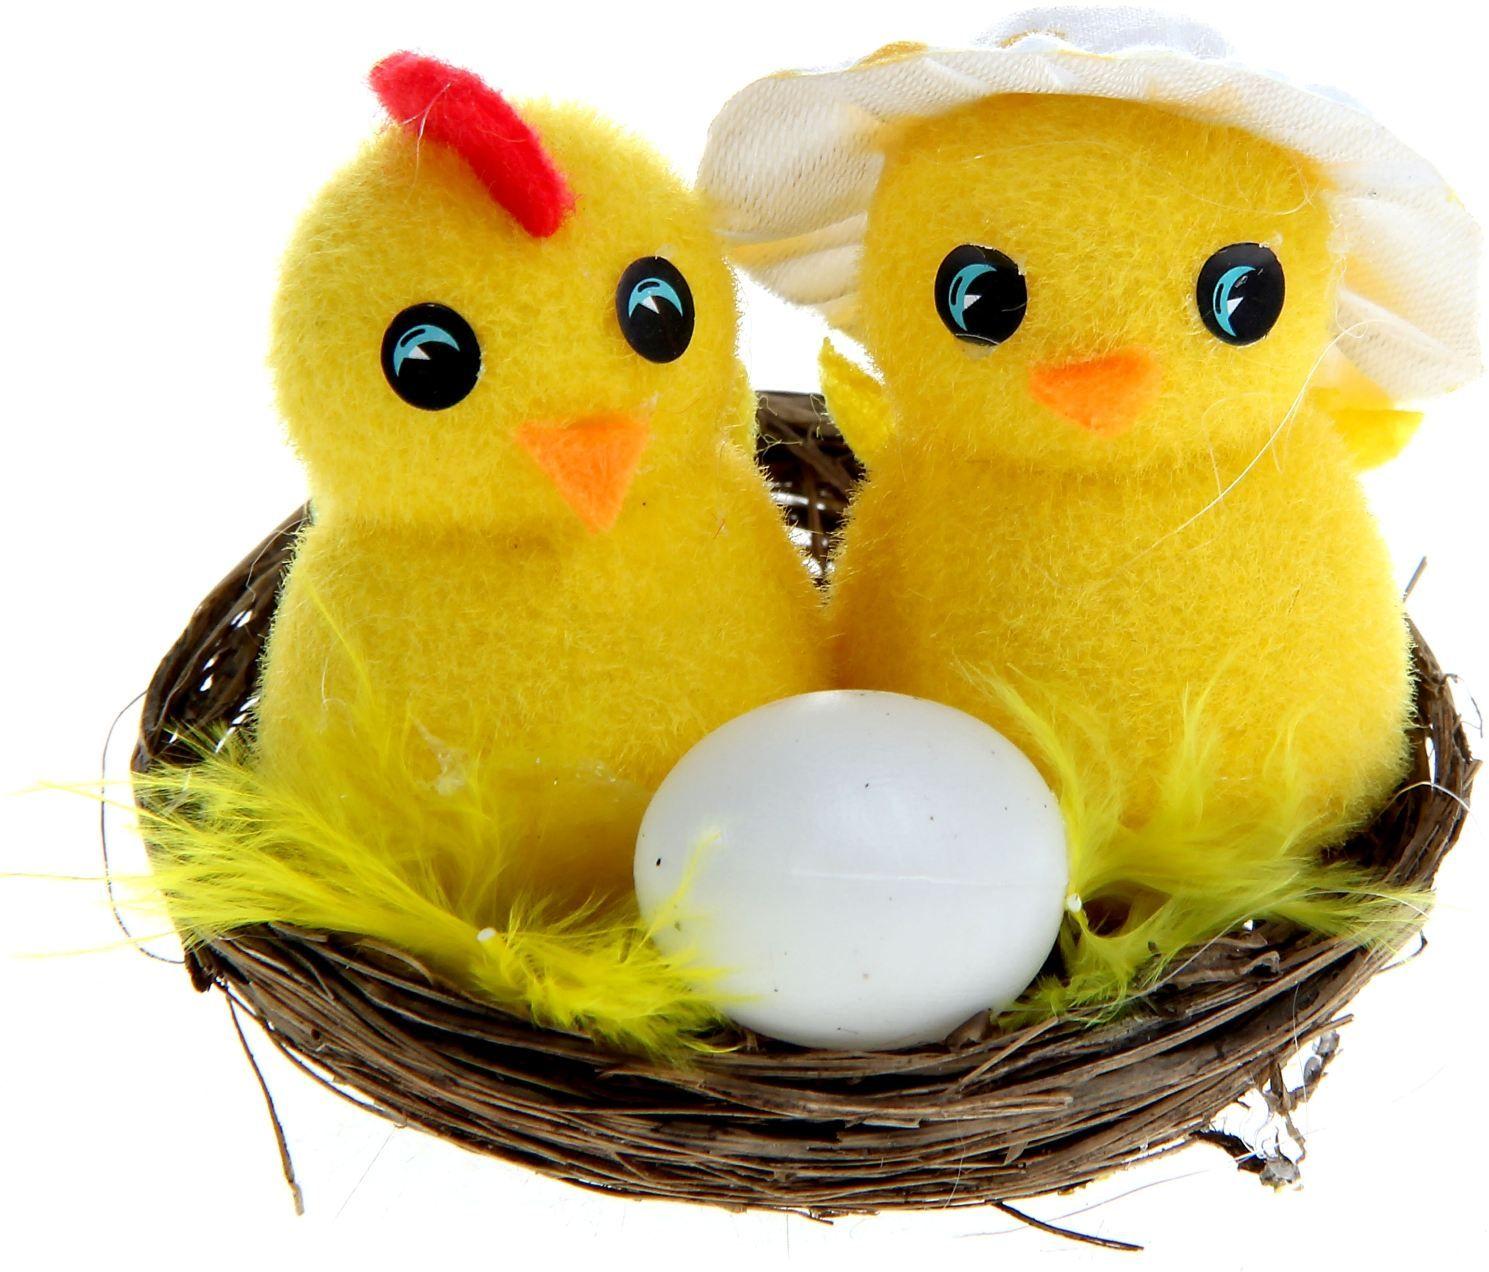 Сувенир пасхальный Sima-land Парочка в шляпке с яйцом, 7 х 7 х 5,5 см10850/1W GOLD IVORYСувенир Парочка в шляпке с яйцом - самый популярный пасхальный декор. Фигурками цып принято декорировать праздничный пасхальный стол во многих странах мира. Россия не исключение.Вы можете украсить таким замечательным сувениром тарелку гостей, превратив её в гнездо. Или преподнести его в качестве подарка близкому человеку.